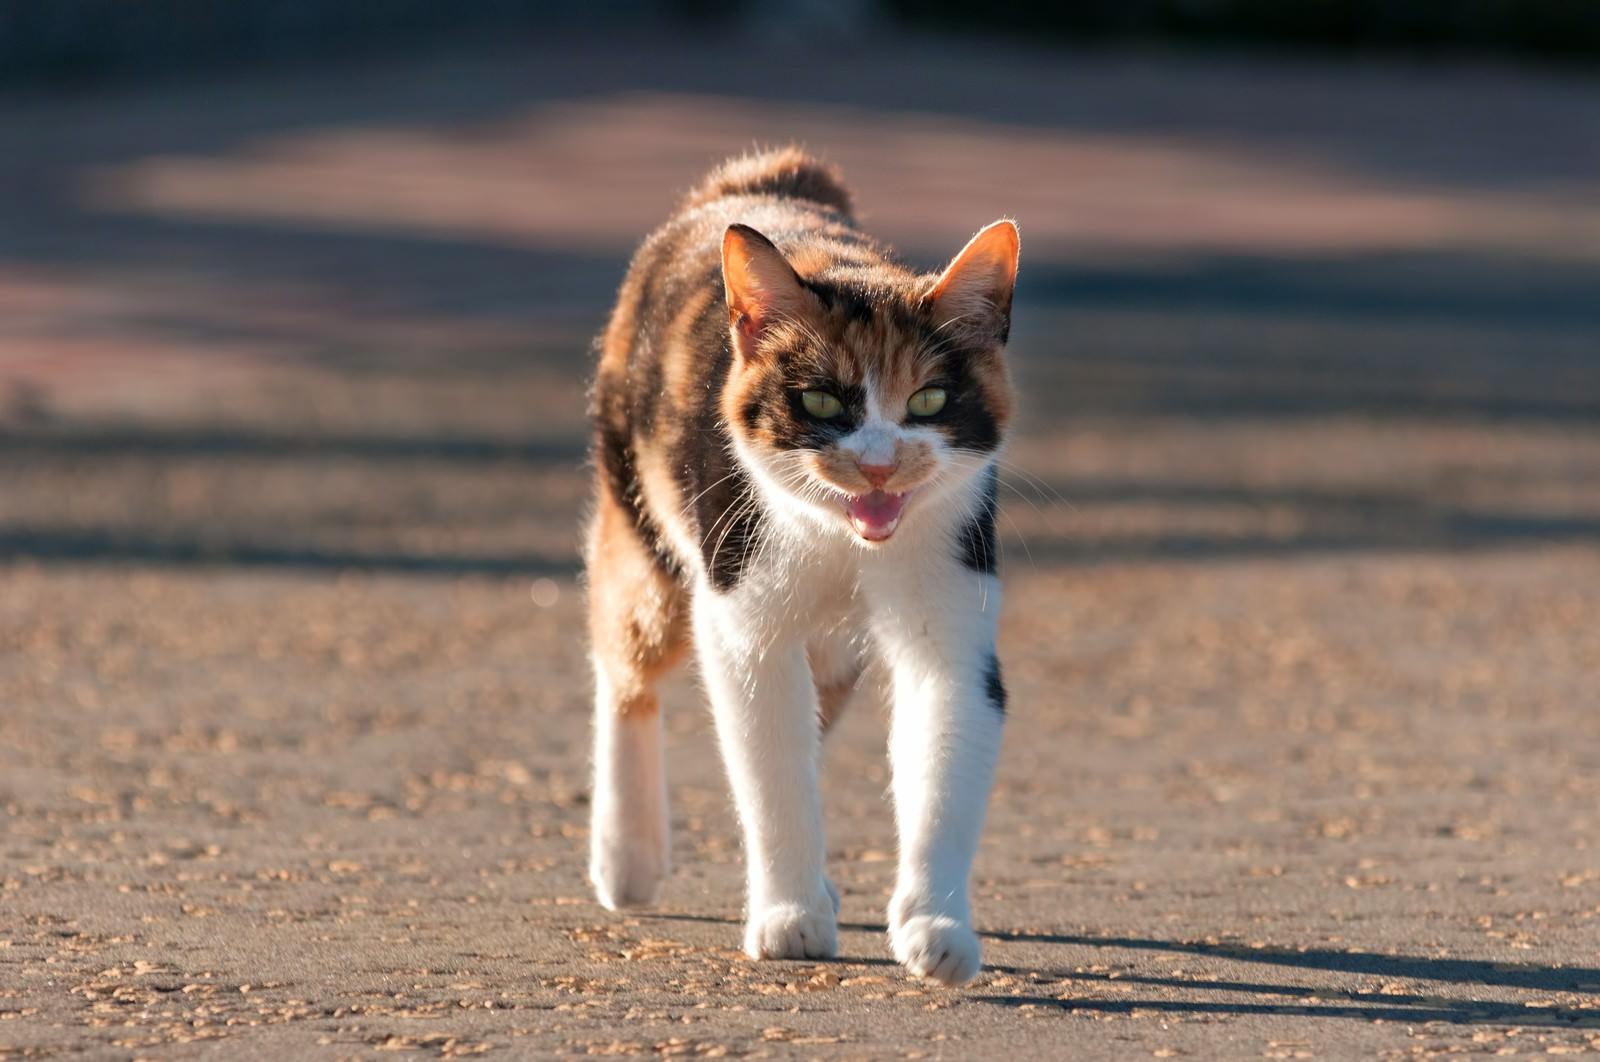 「威嚇する猫威嚇する猫」のフリー写真素材を拡大